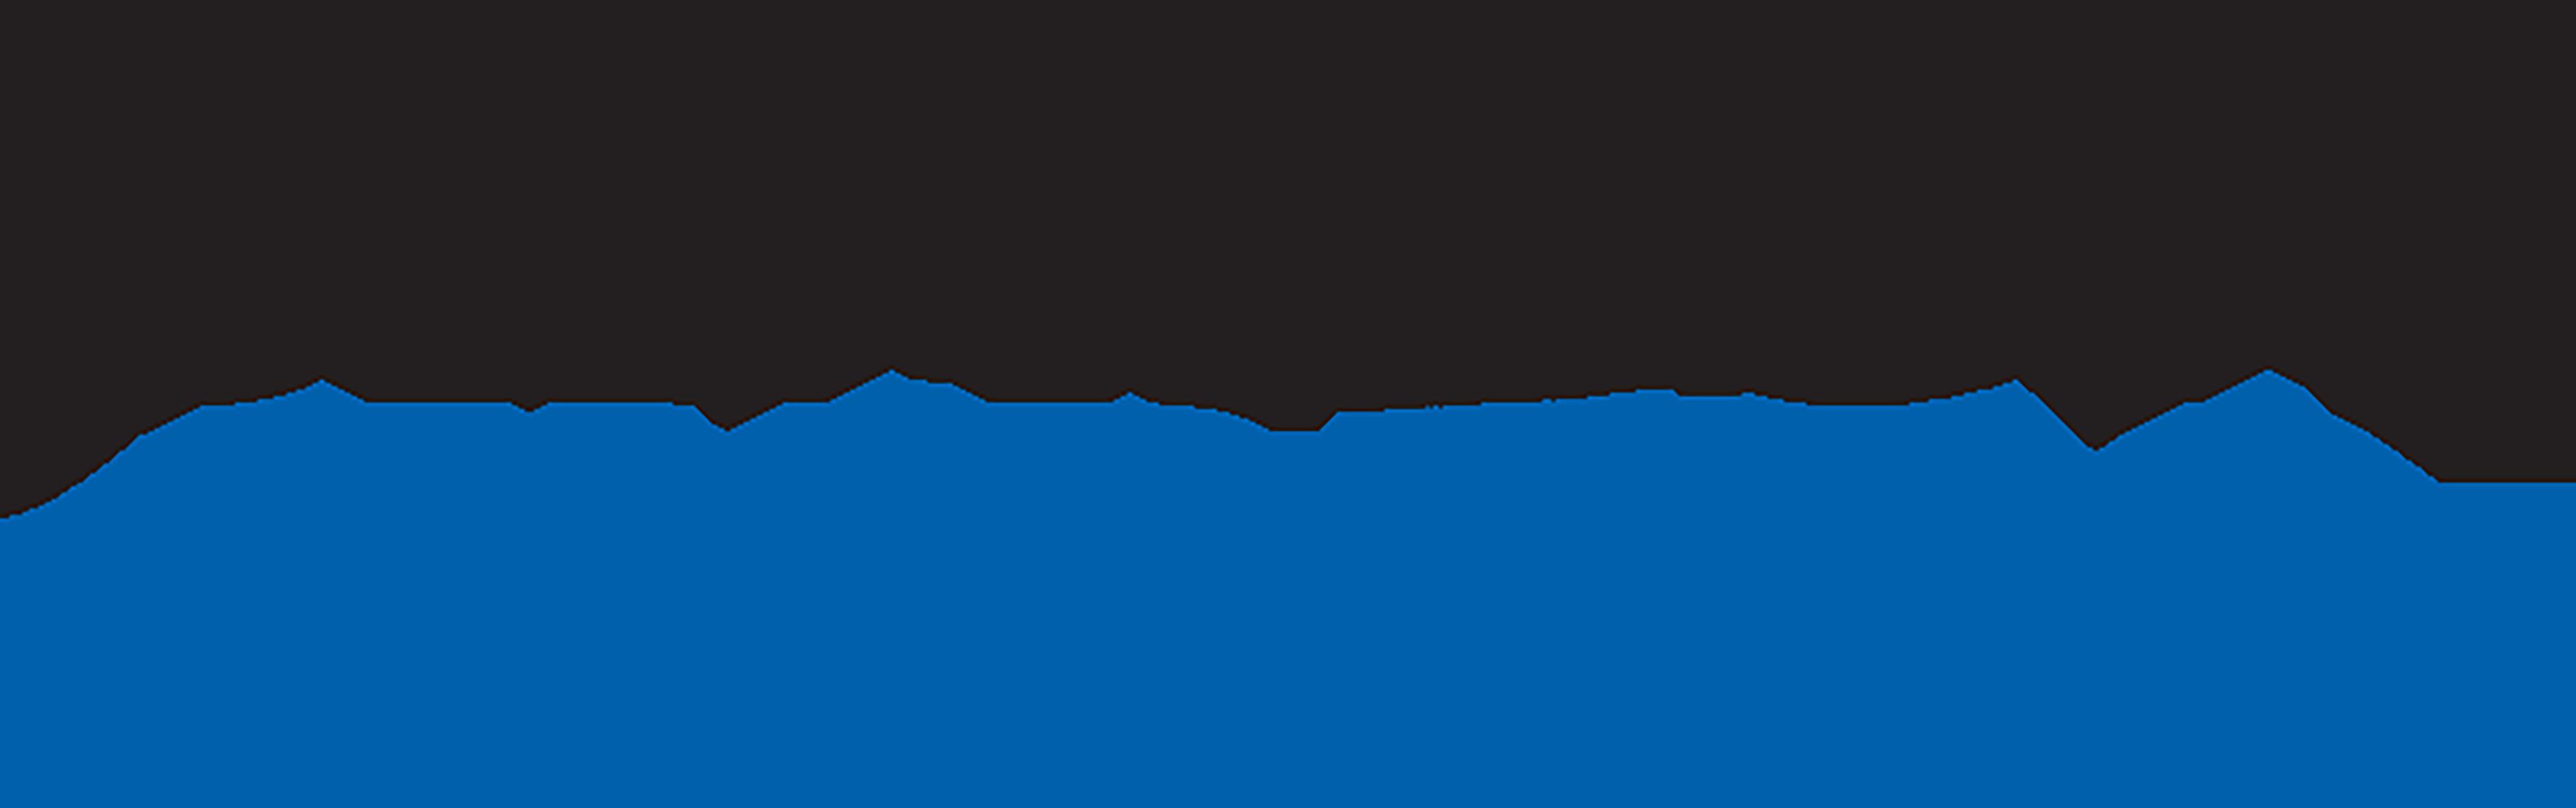 logo semicon europa 2018 yole